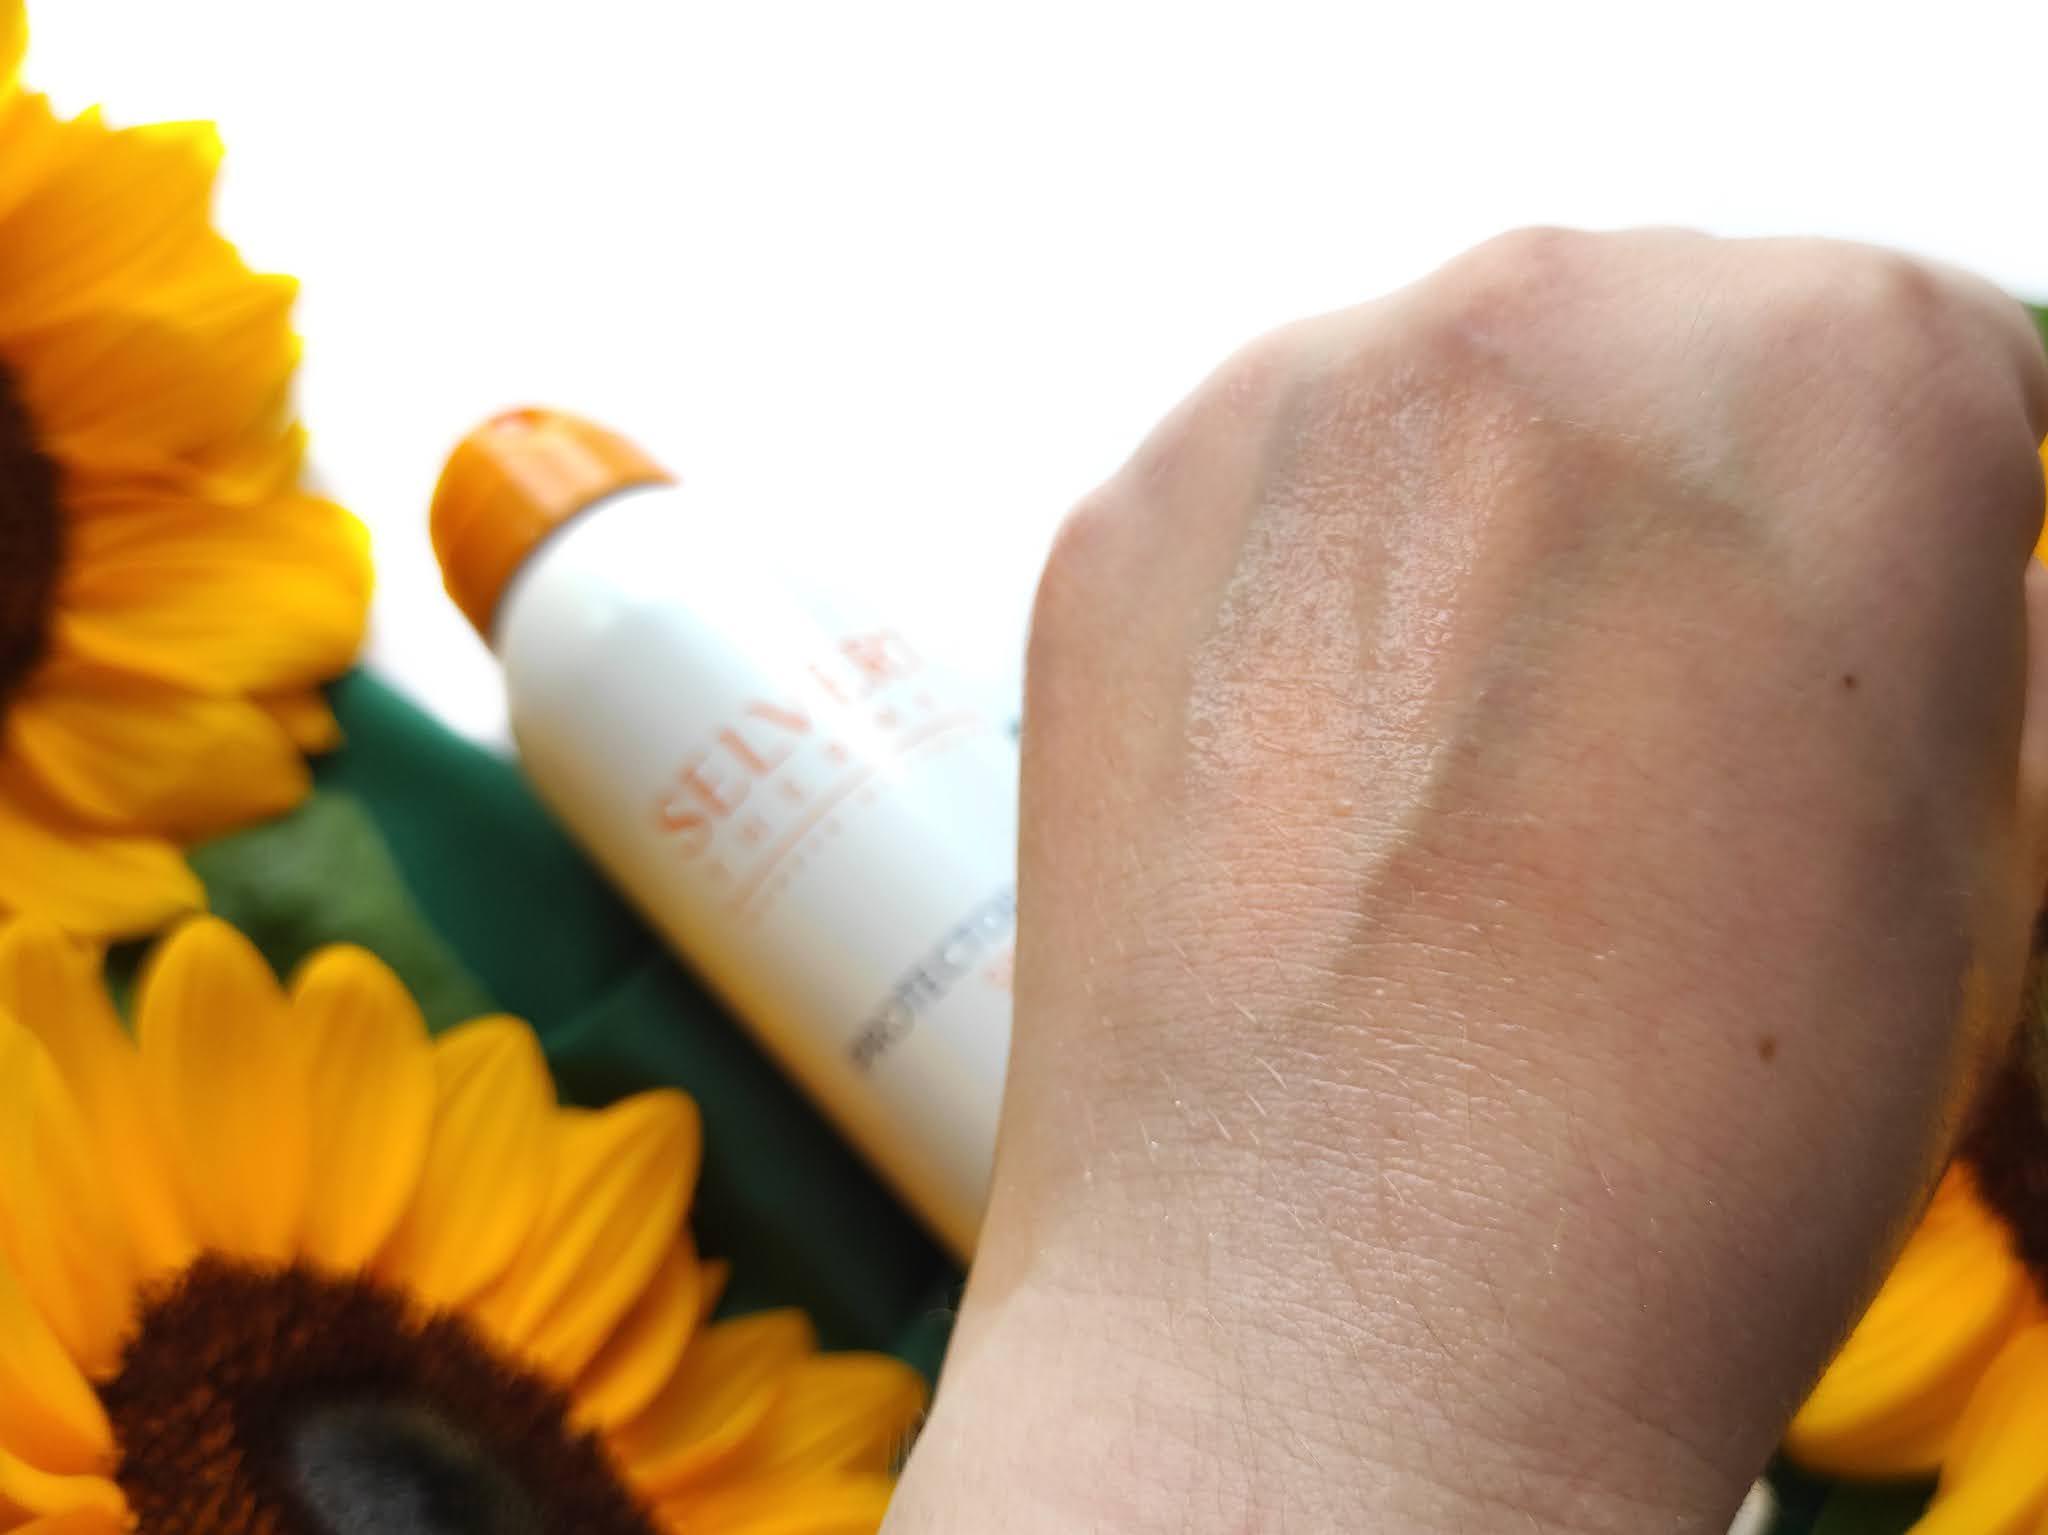 Spray z filtrem DPF 30 selvert thermal